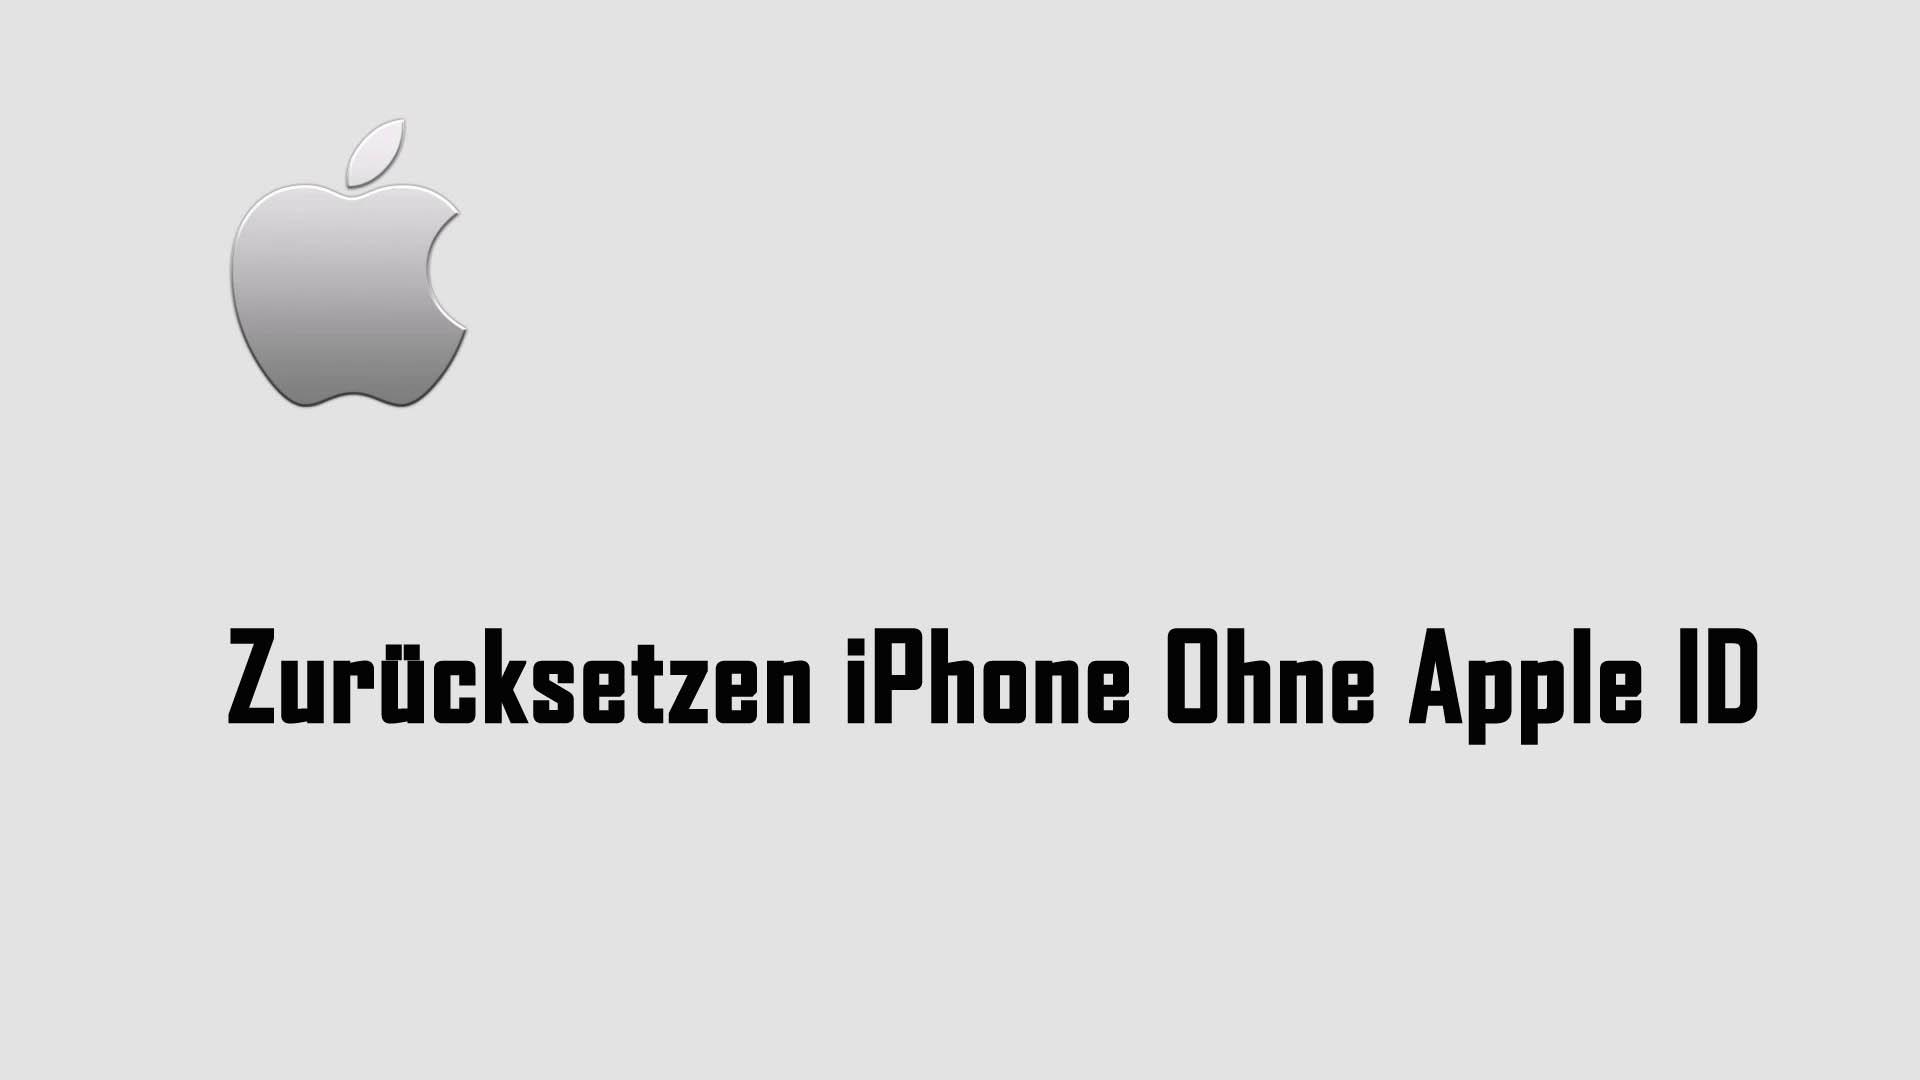 Zurücksetzen iPhone Ohne Apple ID